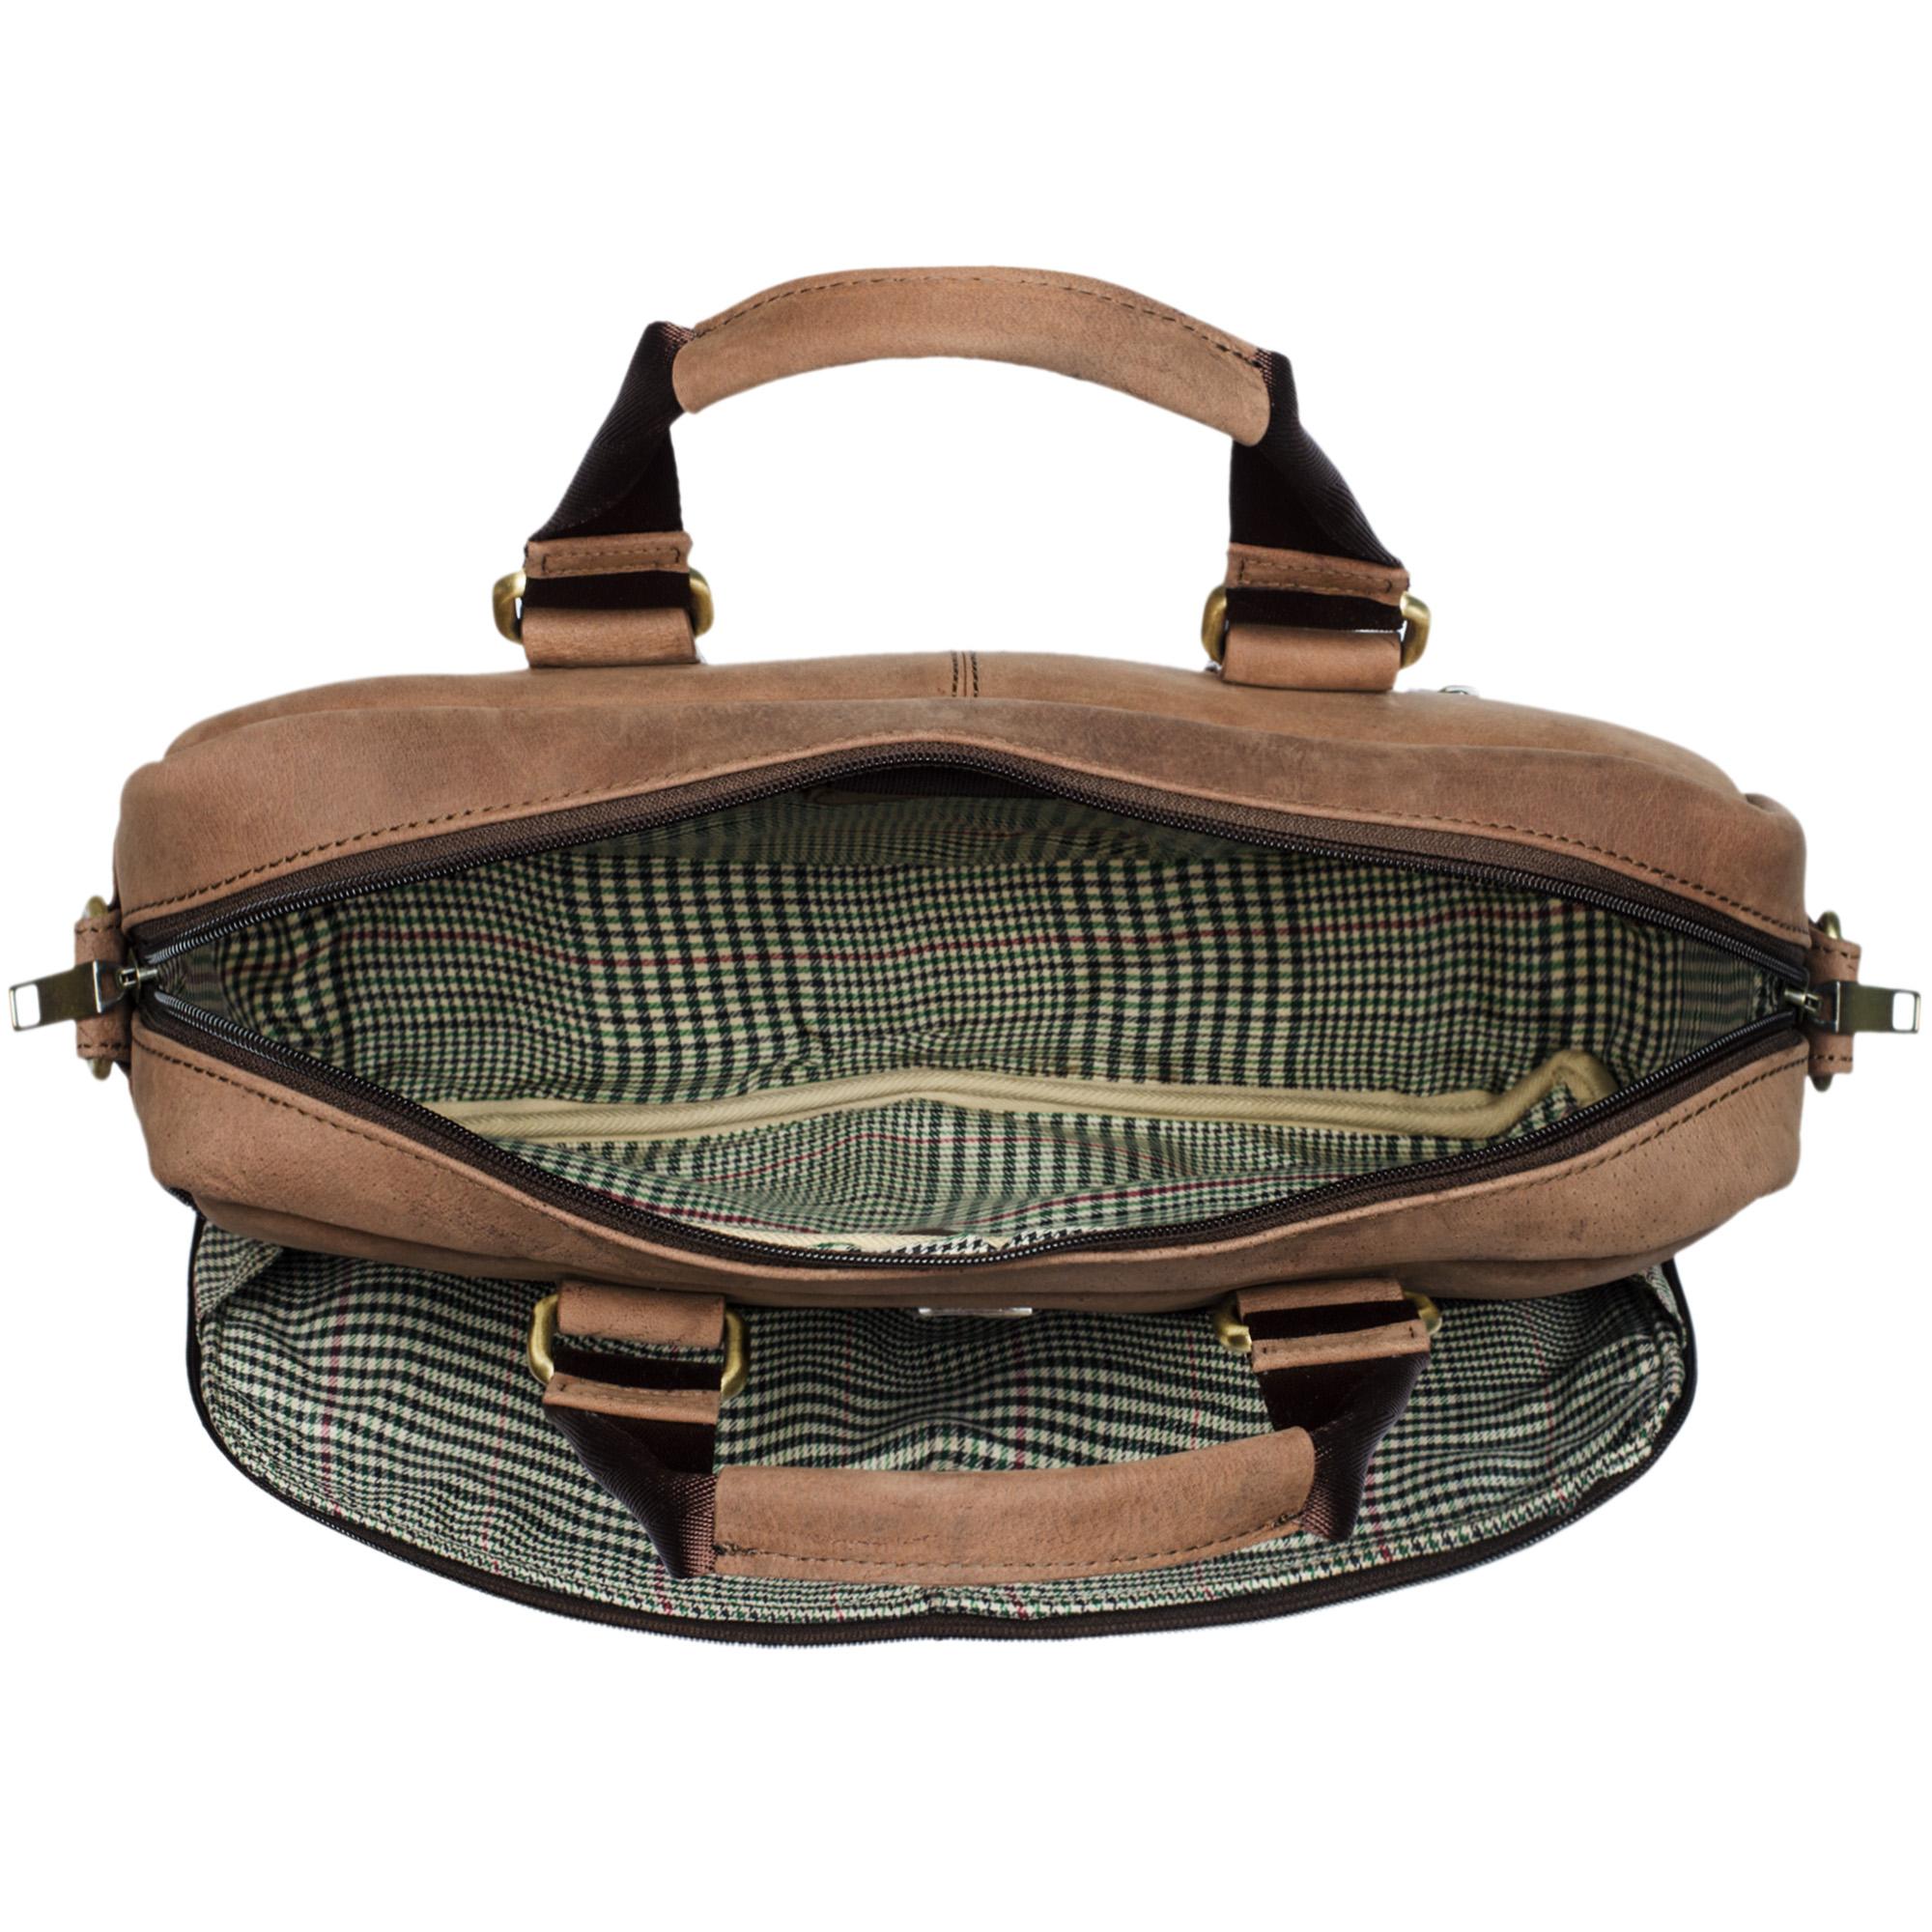 """STILORD """"Vito"""" Vintage Businesstasche Leder Herren Damen 14 Zoll Laptoptasche Umhängetasche Aktentasche Arbeitstasche Rindsleder - Bild 4"""